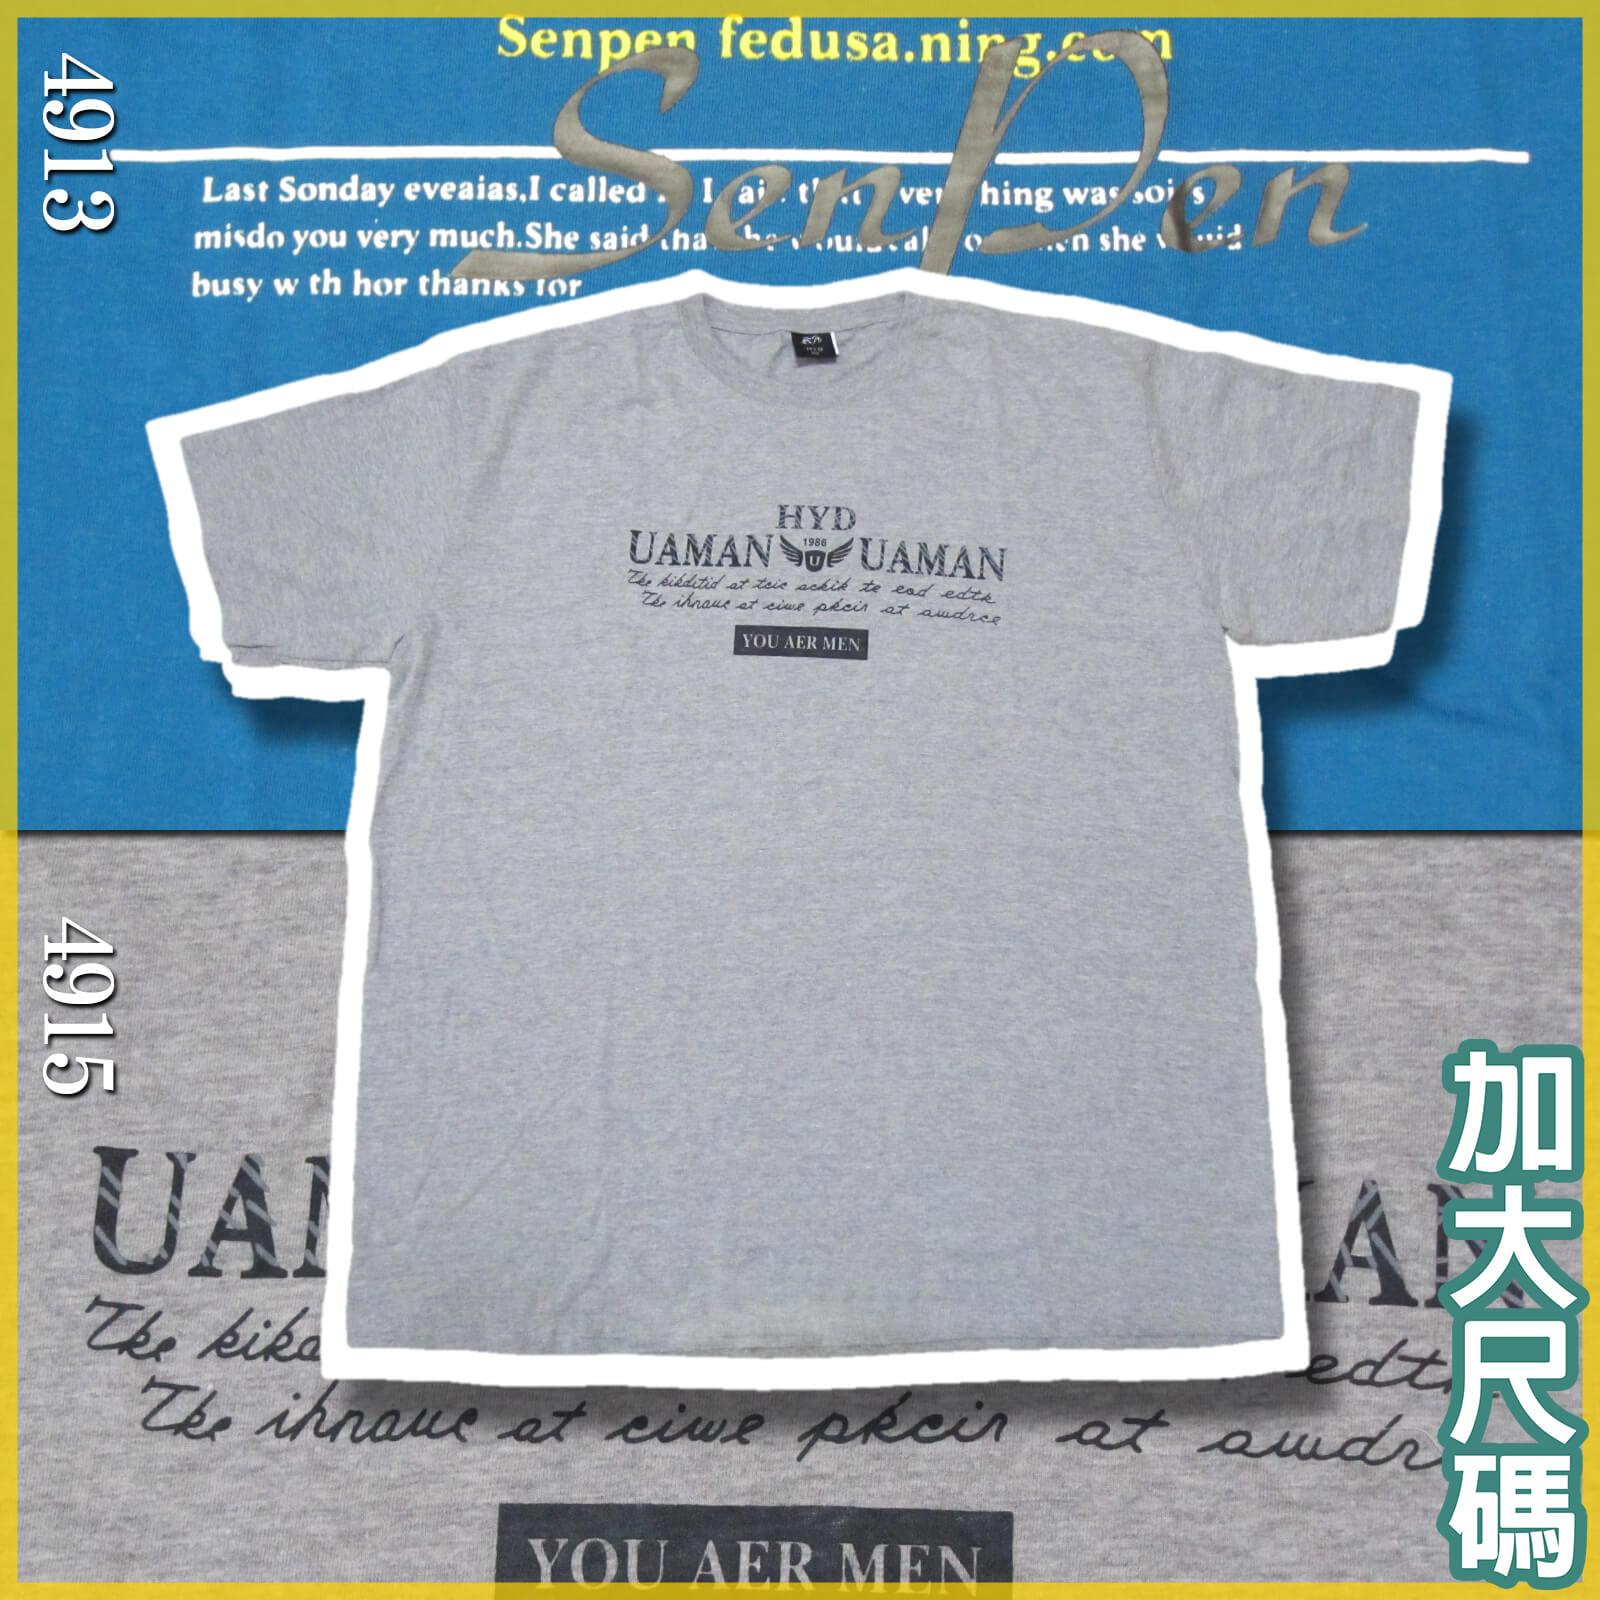 sun~e加大 圓領短袖T恤、加大 感英文字T恤、加大 文字短TEE、加大 純棉T恤、加大